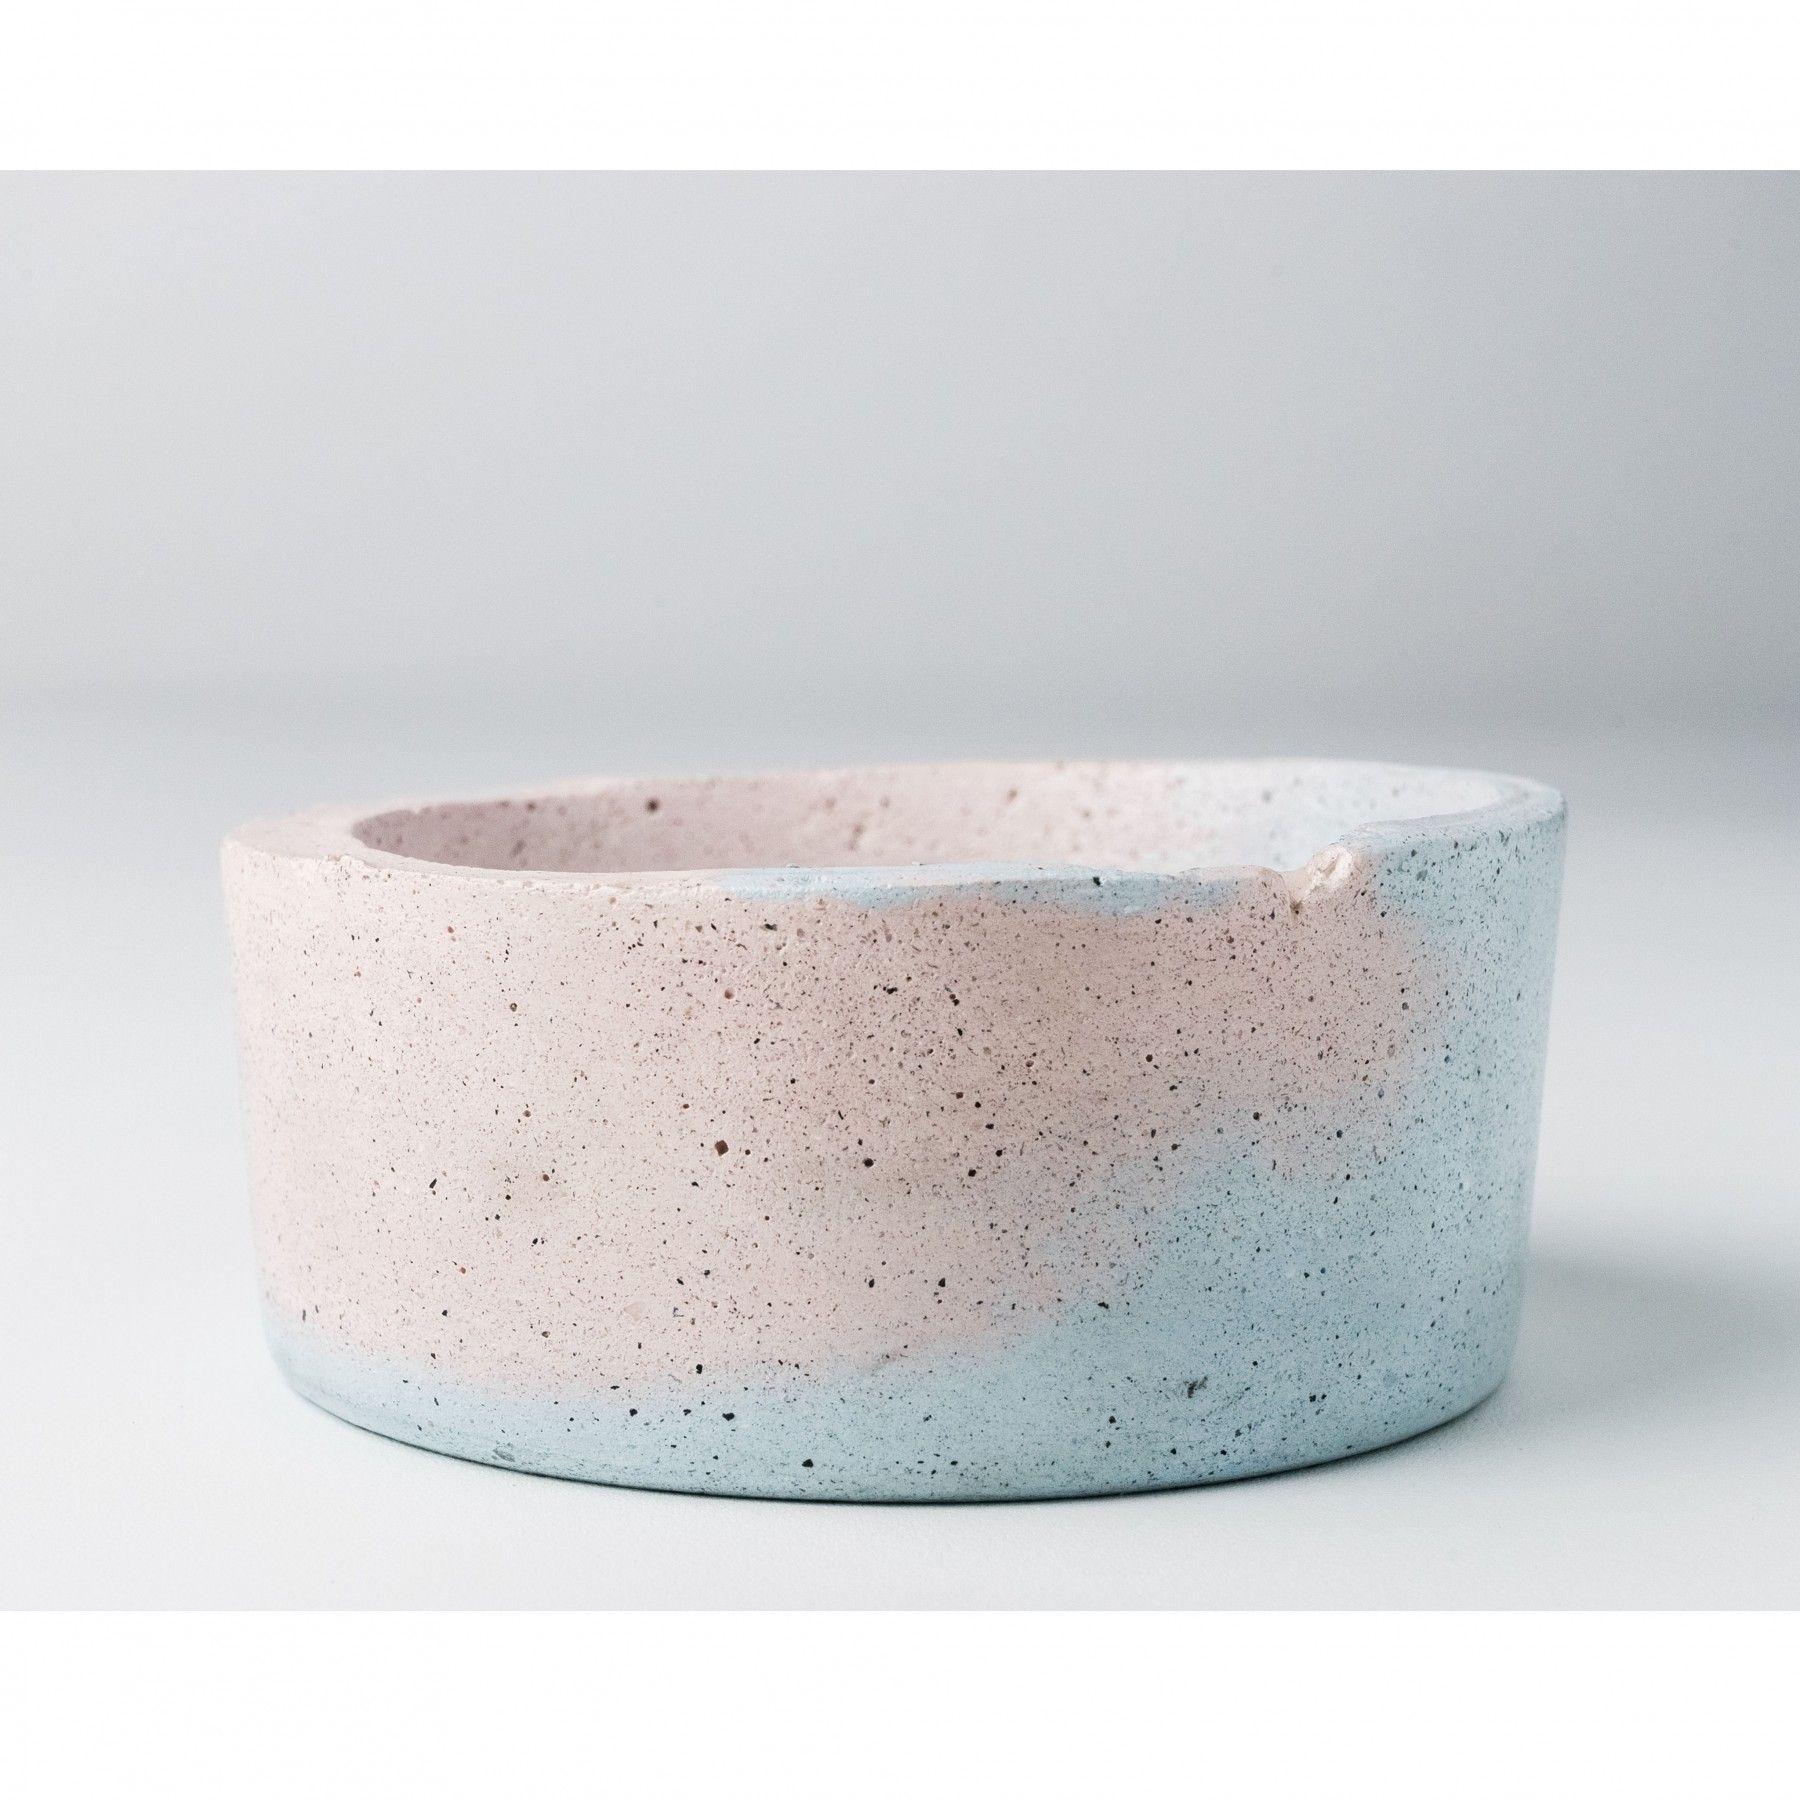 Manilha P - Produzidas em concreto pigmentado com cuidado artesanal em cada detalhe, as peças da Cobalto são únicas. Seus usos são diversos e devem ser reinventados para cada espaço.  Sugestões de uso: vaso, saboneteira, cinzeiro, porta chave, porta bijus, decorativo.